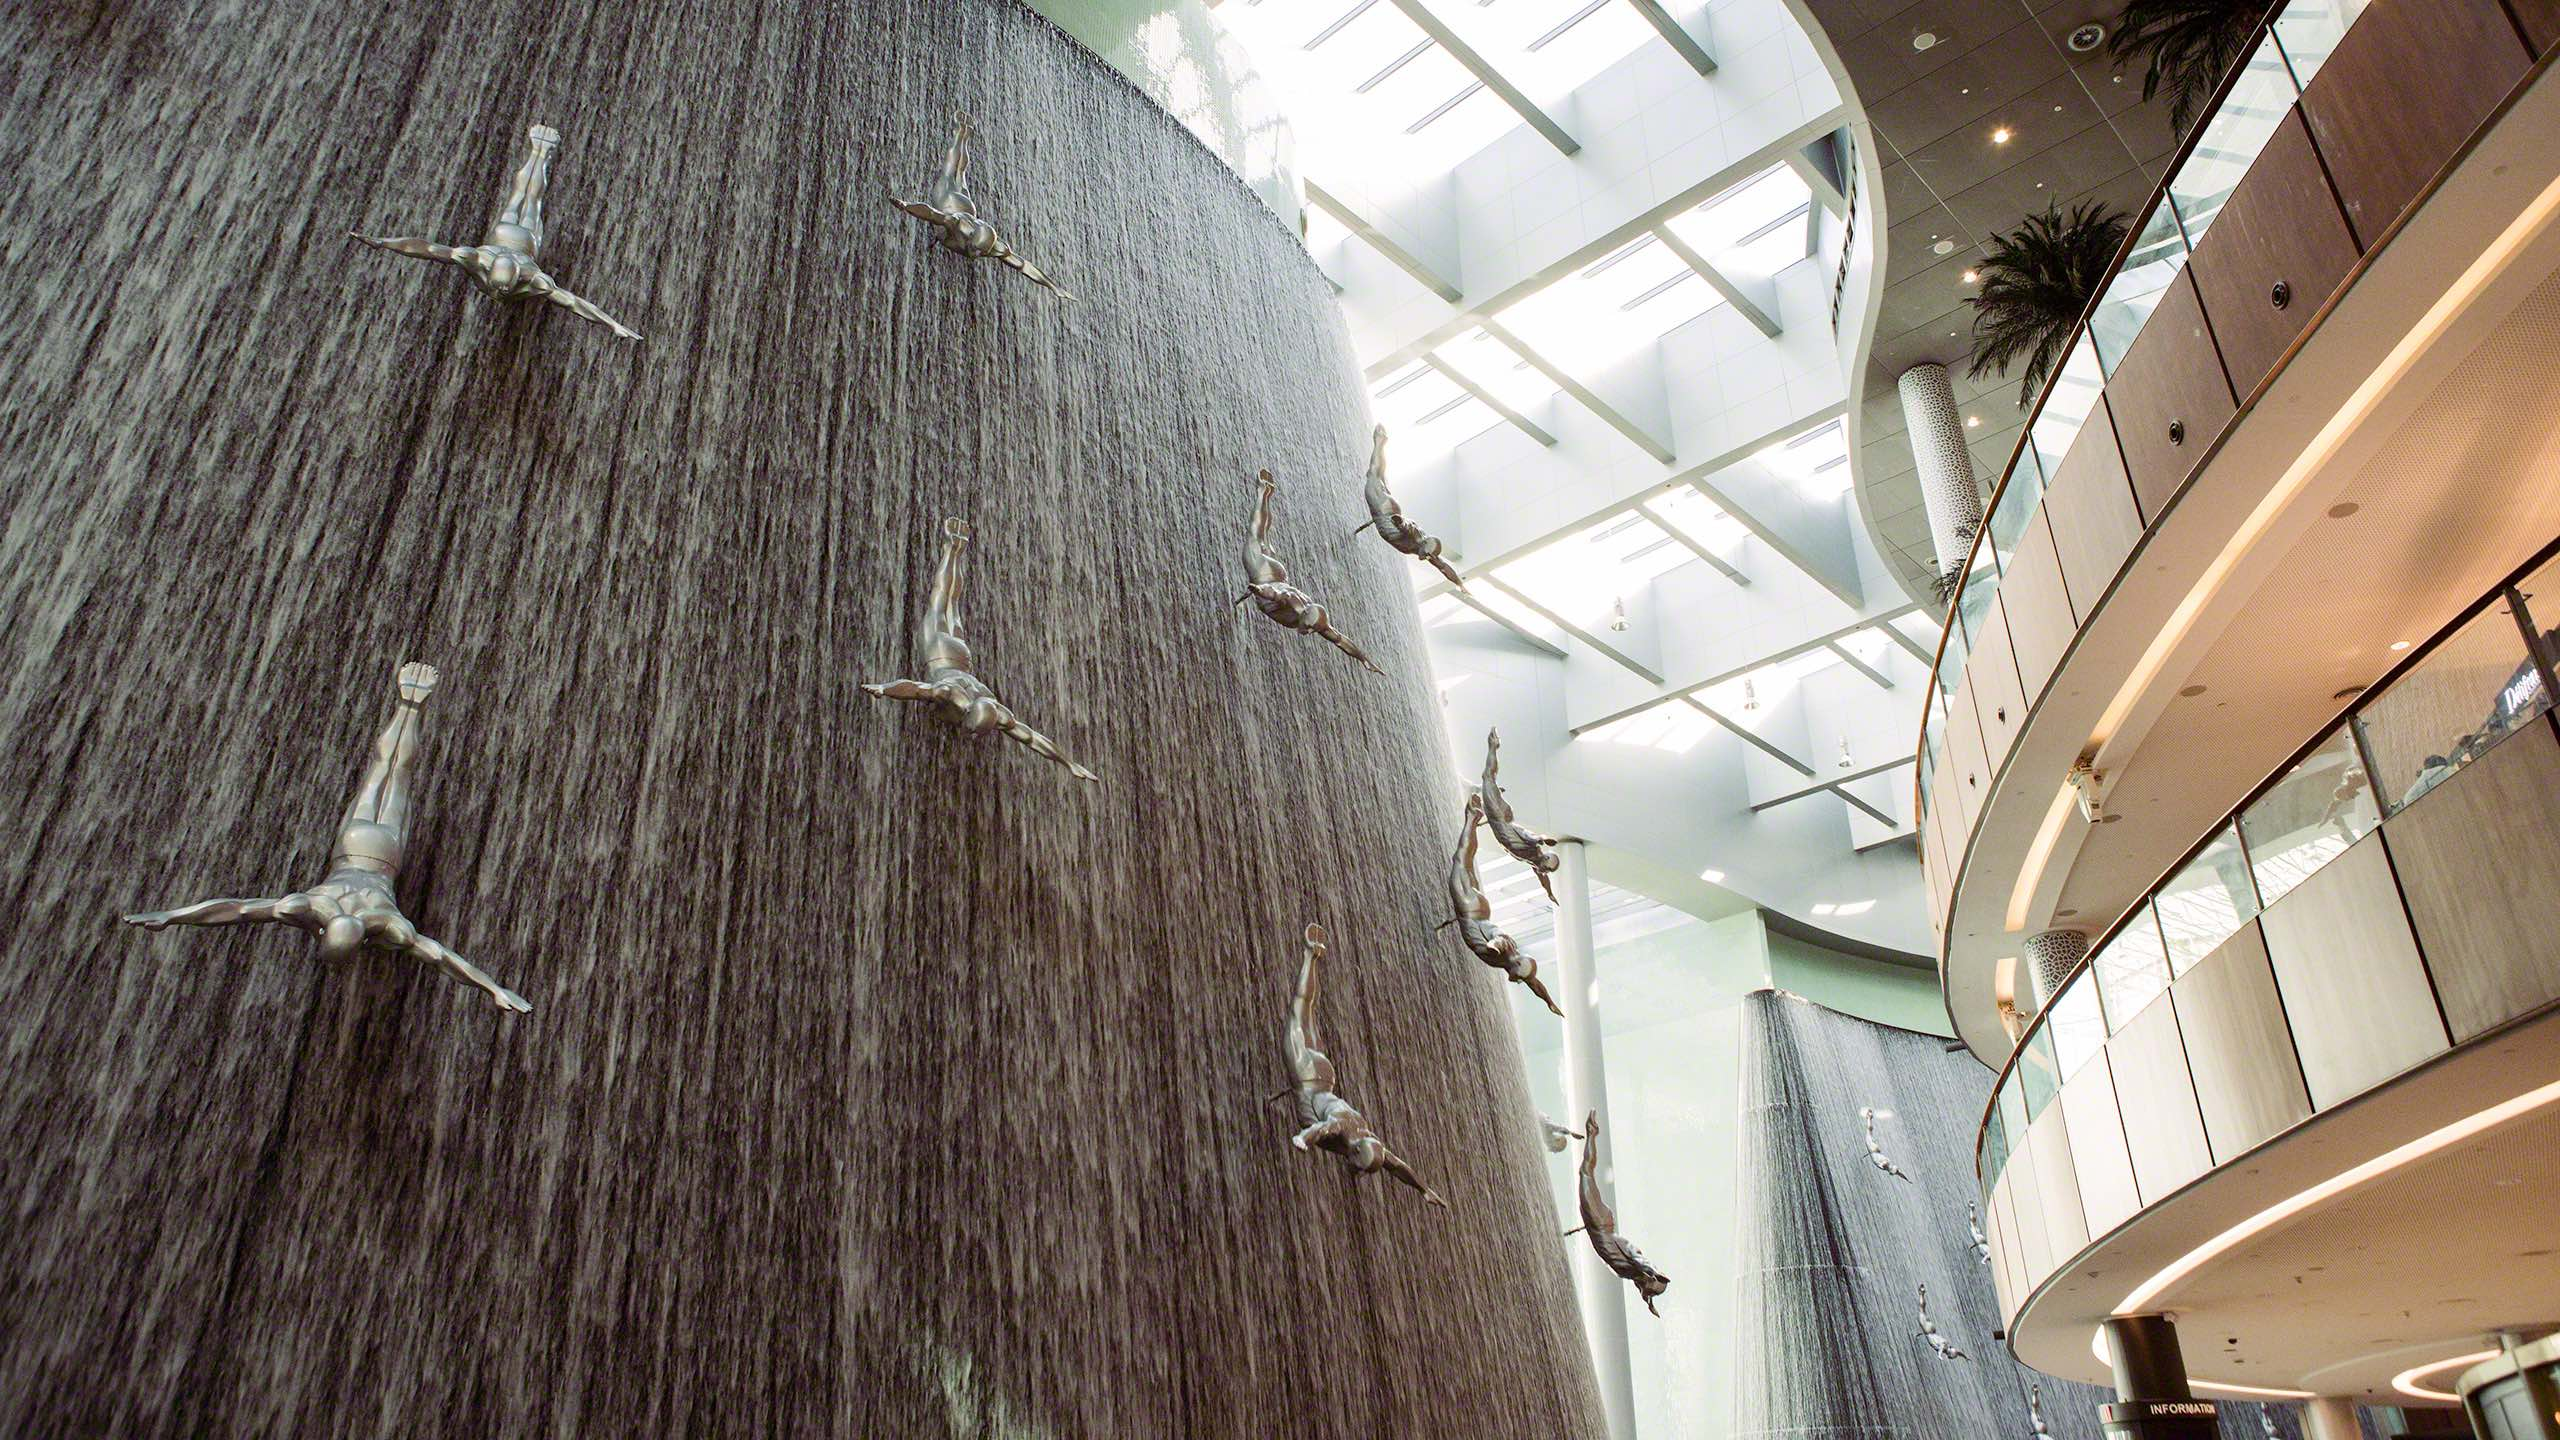 Kunstvoll in die Dubai Mall integrierter gigantischer Wasserfall mit Skulpturen